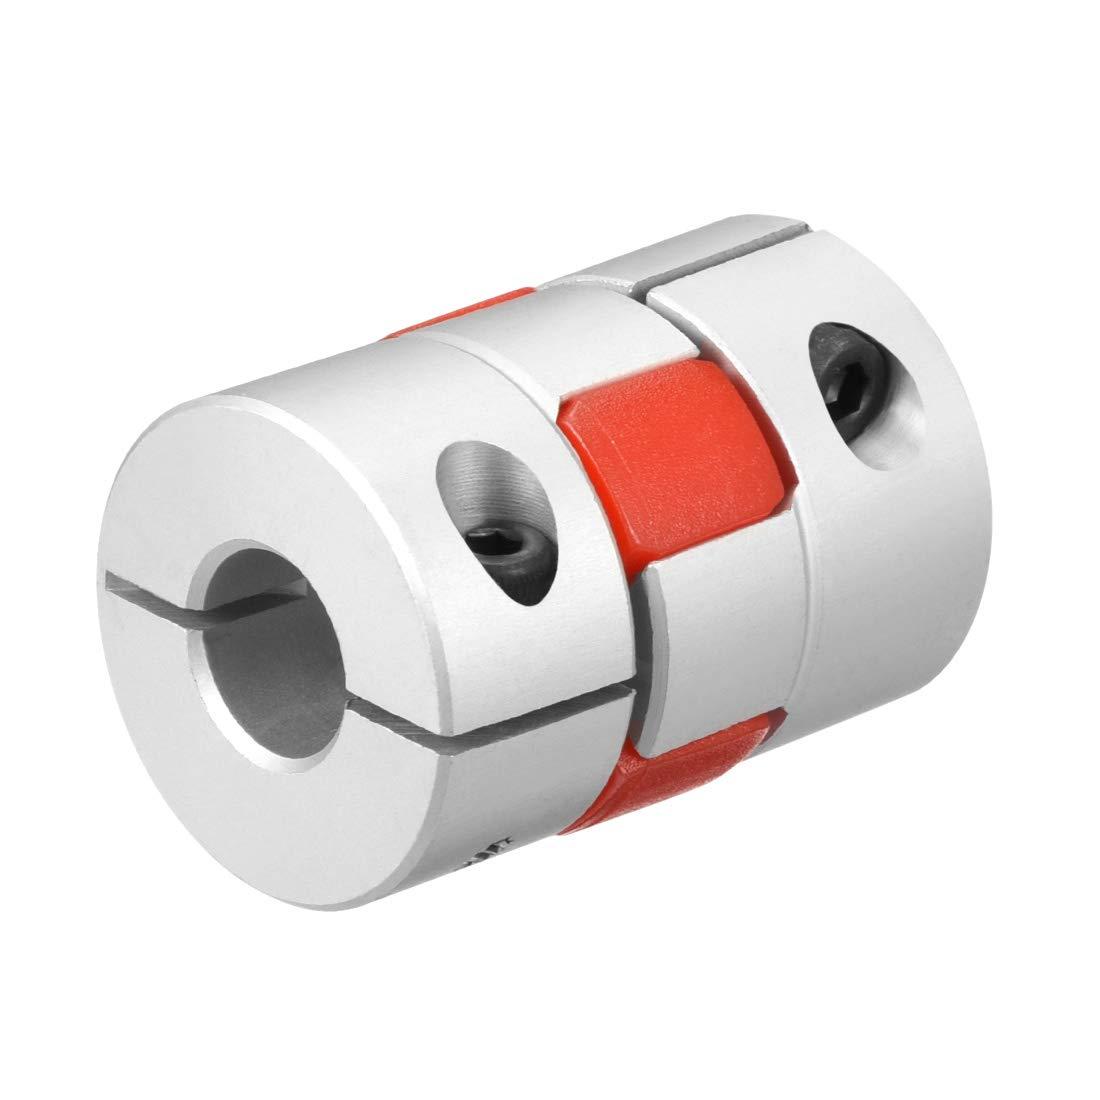 Sourcingmap Wellenkupplung 6 mm auf 6 mm Bohrung L30 x D20 Flexible Kupplung f/ür Servo-Stufenmotor